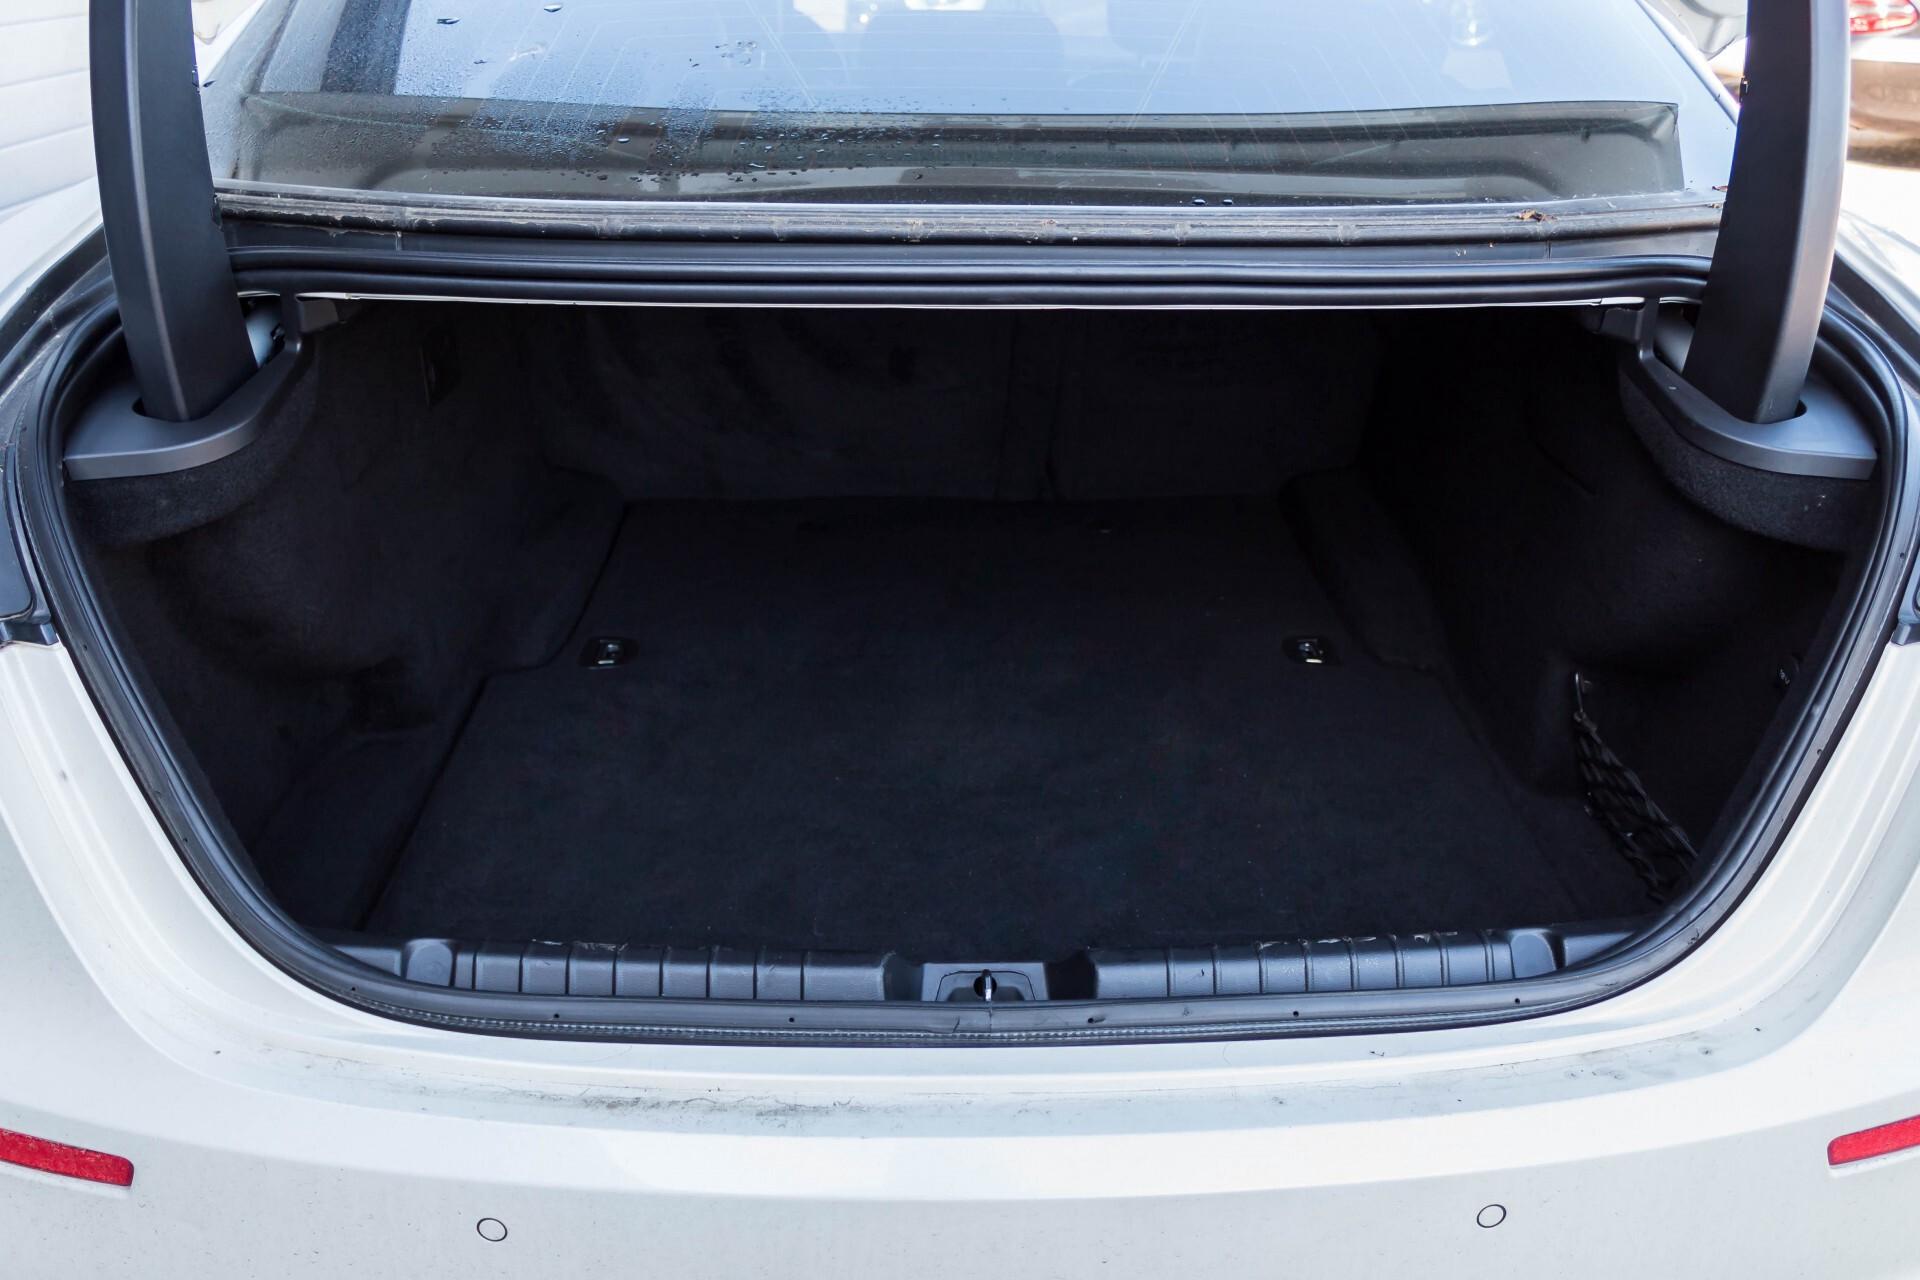 Maserati Ghibli 3.0d V6 Carbon/20''/Camera/PremiumPack/Keyless/Xenon/Navi Aut8 Foto 48